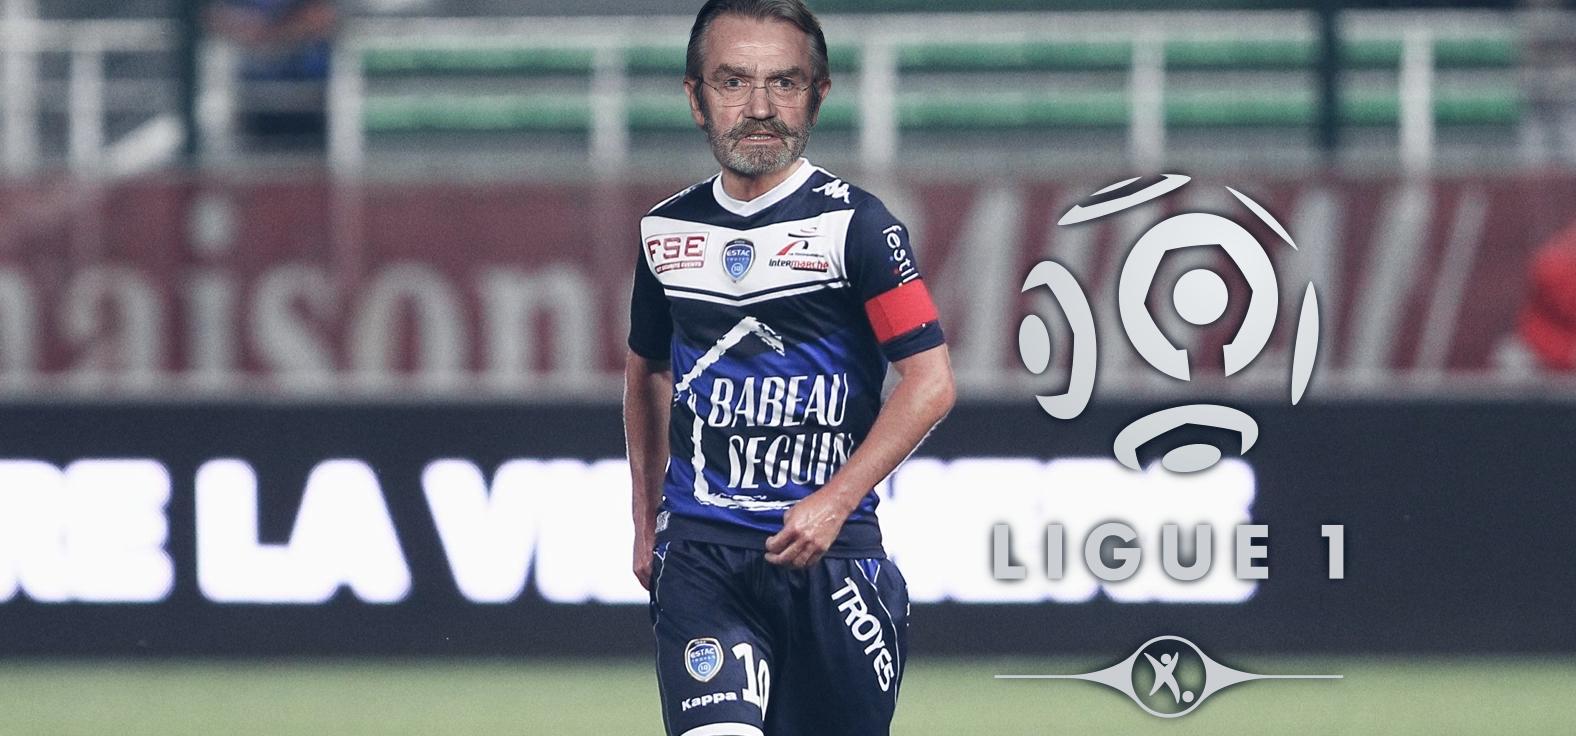 Que peut-on attendre de cette nouvelle saison de Ligue 1 ? / Partie #1